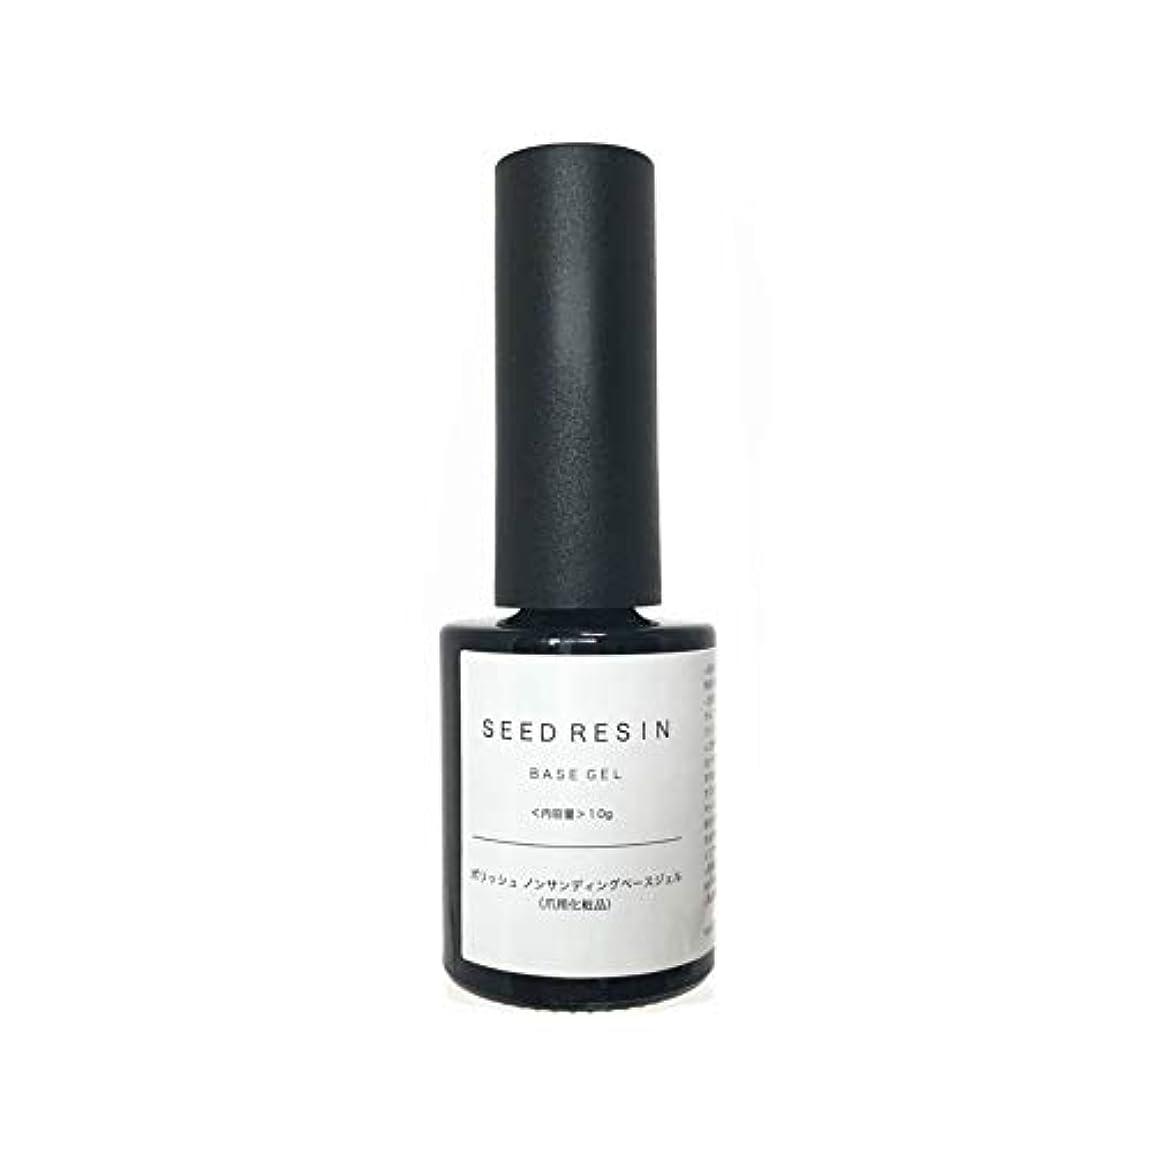 乳臭いチロSEED RESIN(シードレジン) ジェルネイル ポリッシュ ノンサンディング ベースジェル 10g 爪用化粧品 日本製